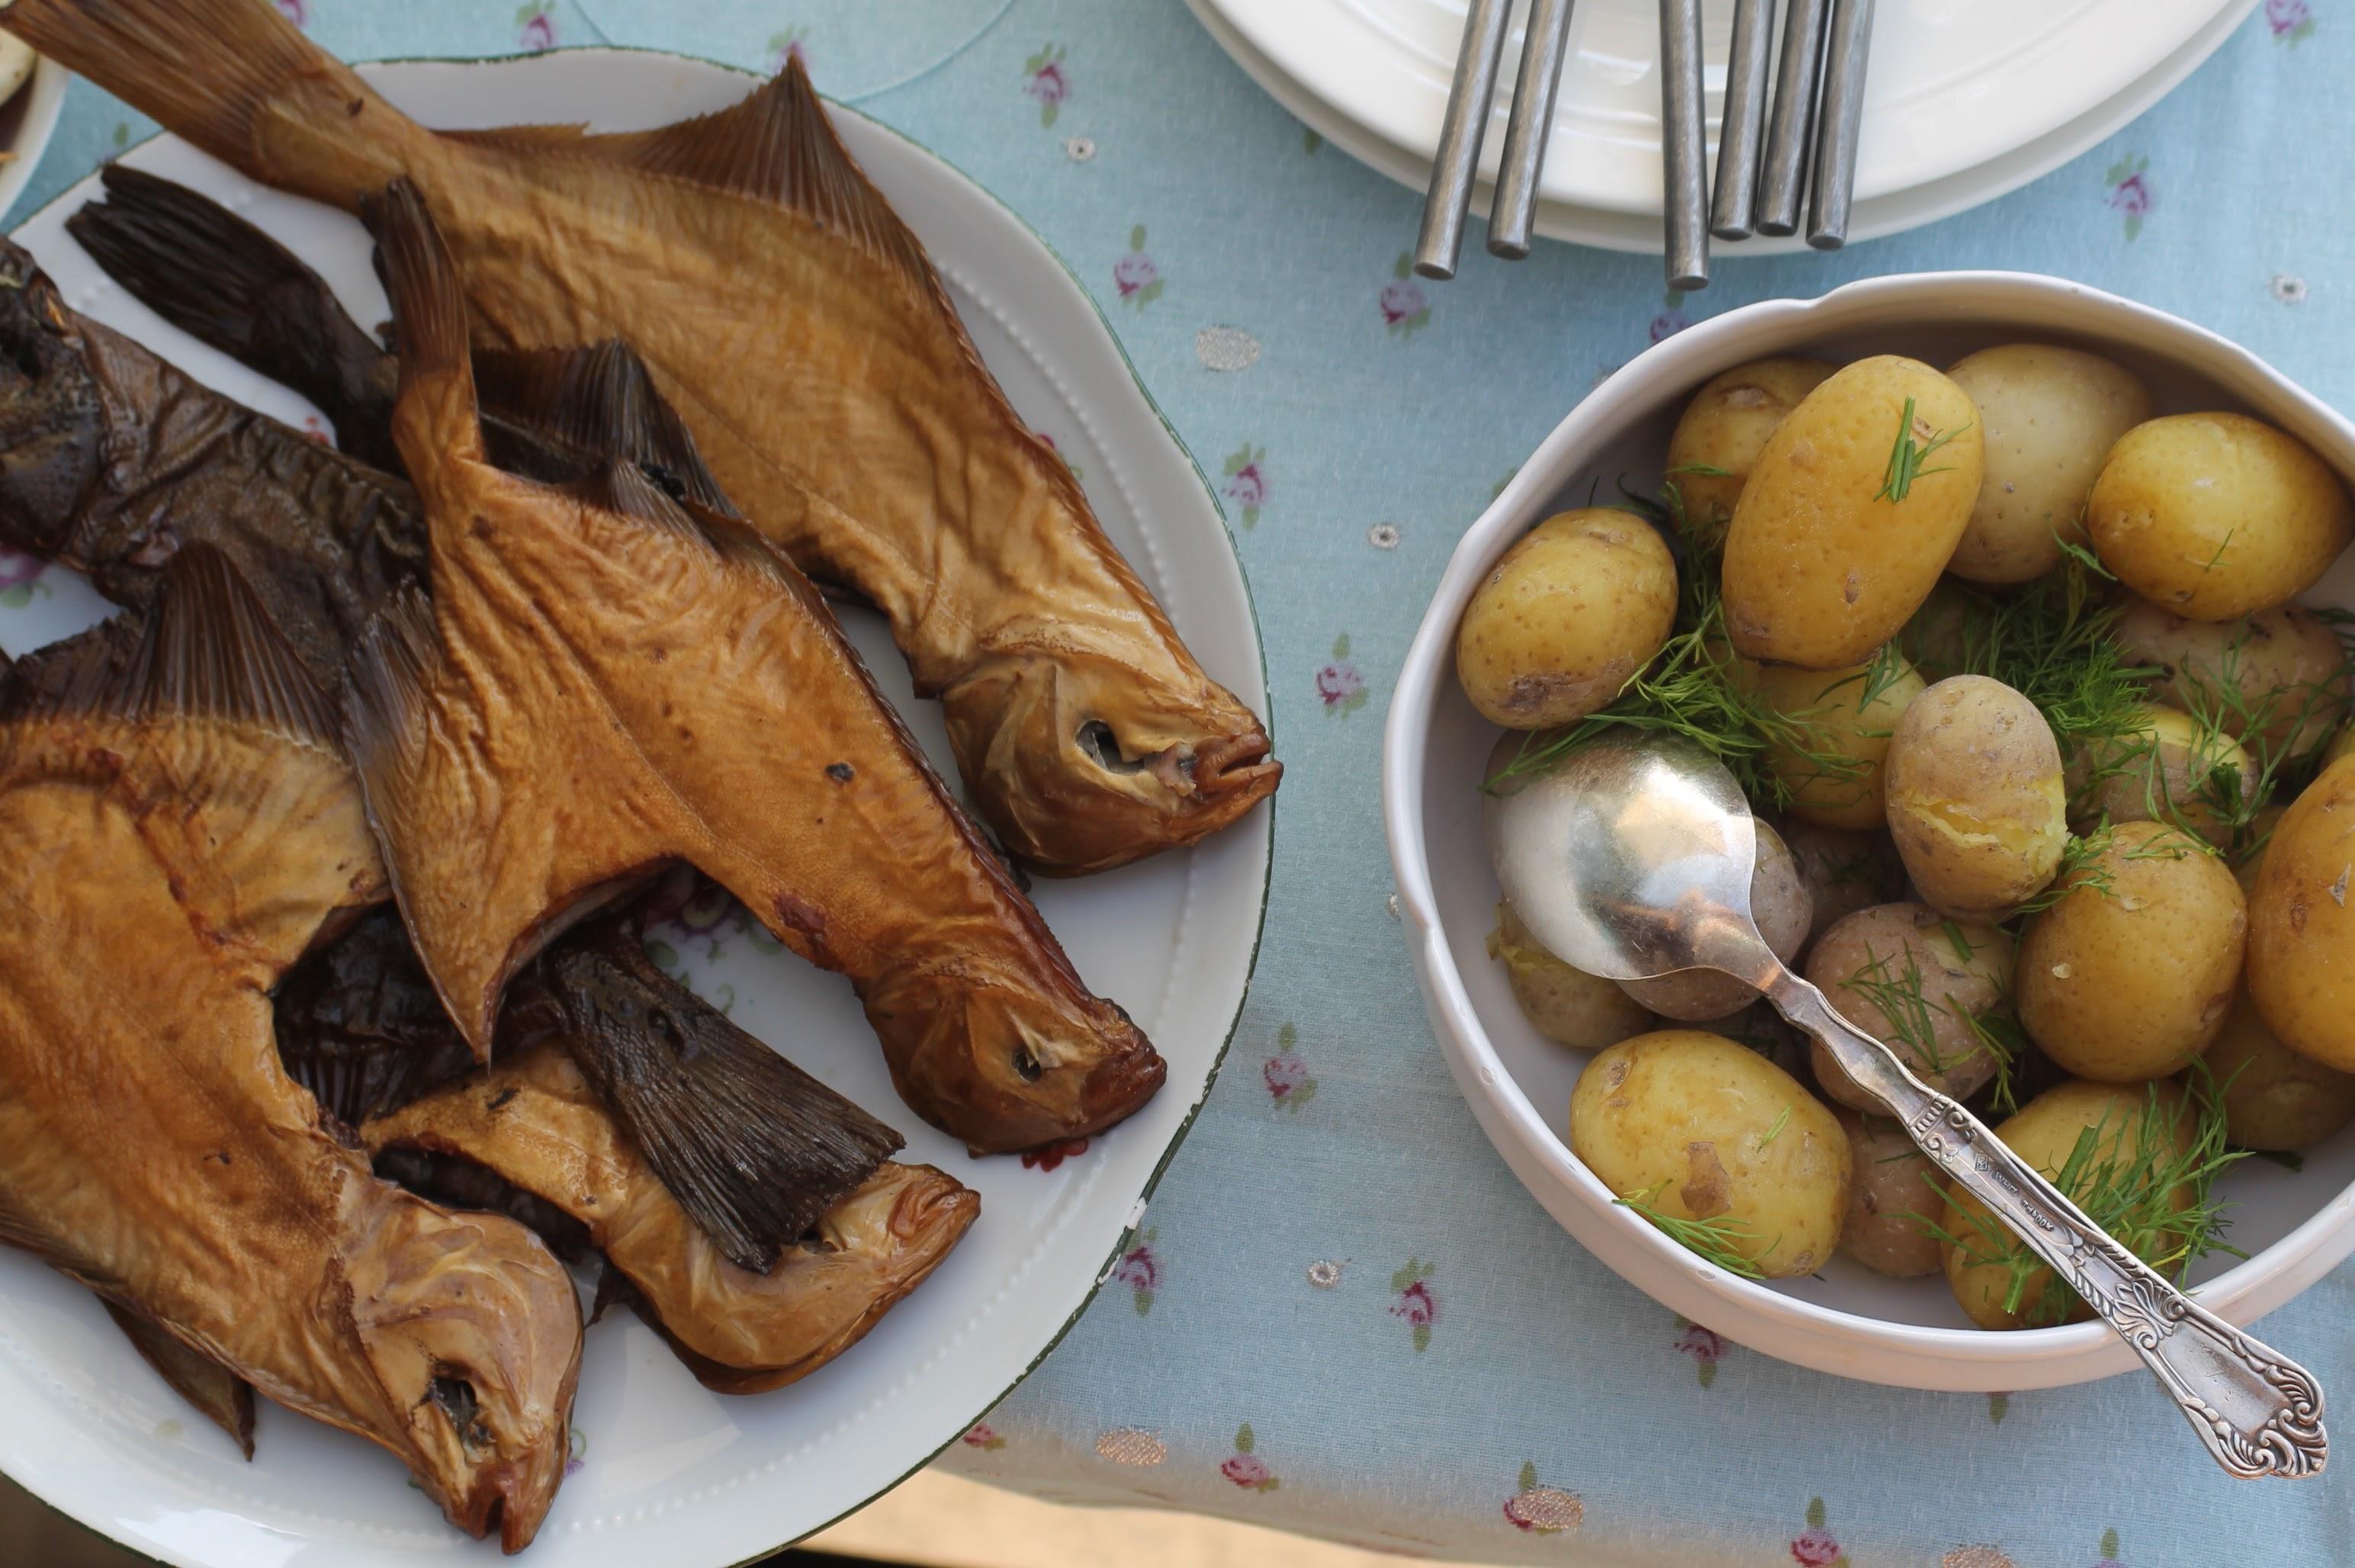 Saaremaal on kõrge toiidukultuur, see on ka üheks põhjuseks saaremaale reisimiseks